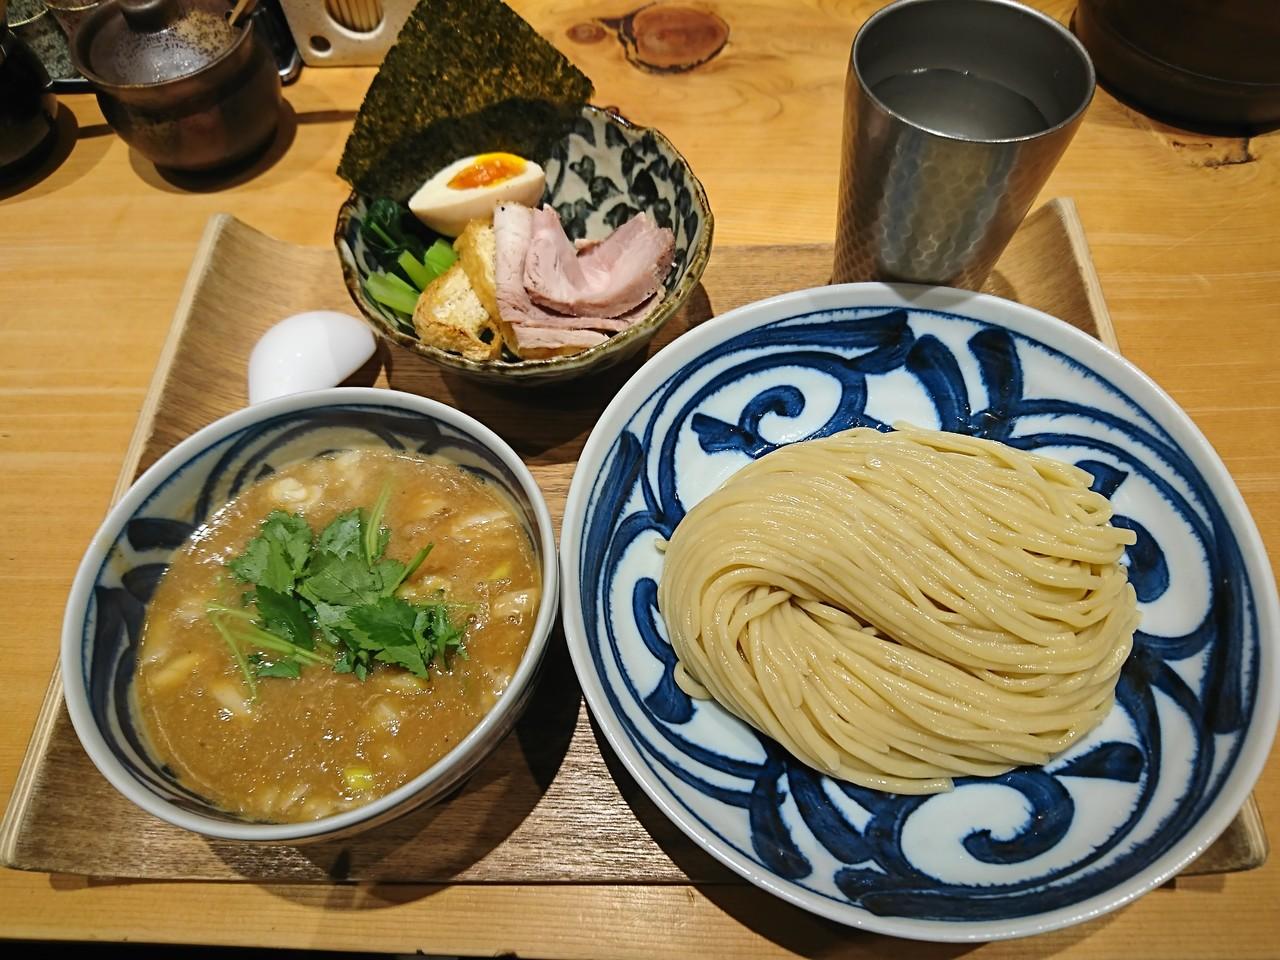 銀座で食べるべきつけ麺10選!ミシュラン掲載店多数、行列の個性派つけ麺も!!